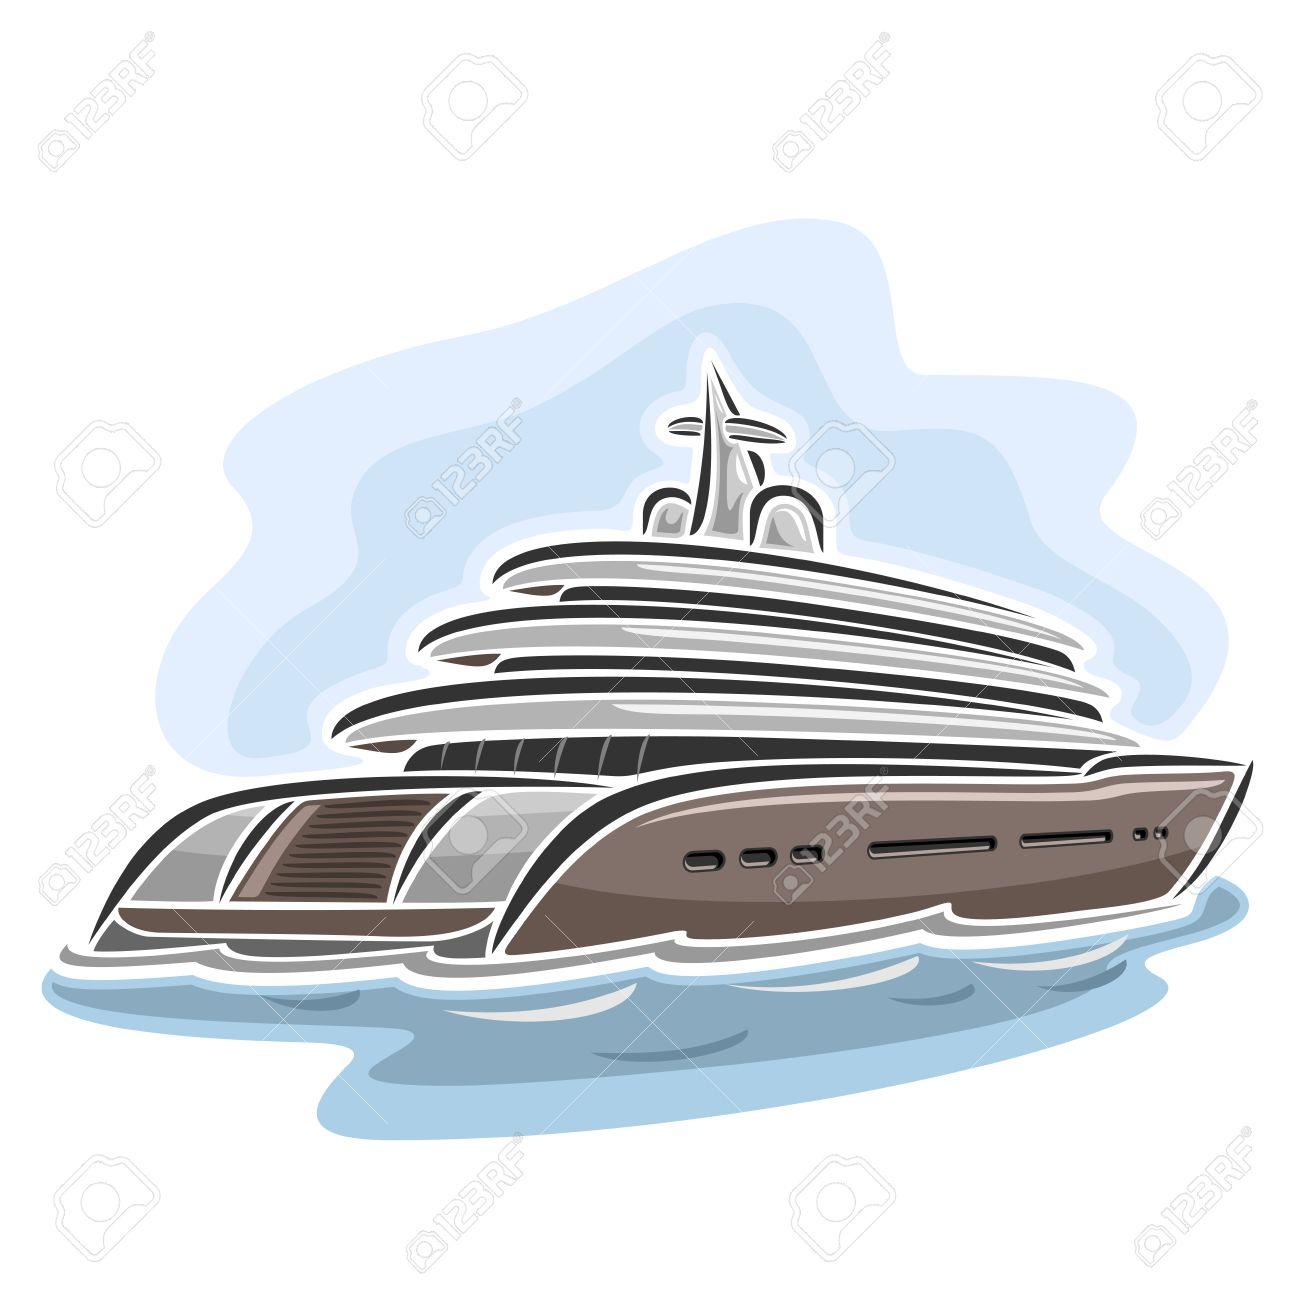 Vector Illustration D'un Grand Mega Yacht, Composé De Croisière Dessin  Animé Paquebot De Luxe Bateau, Flottant Sur Les Vagues De La Mer Océan Gros à Paquebot Dessin